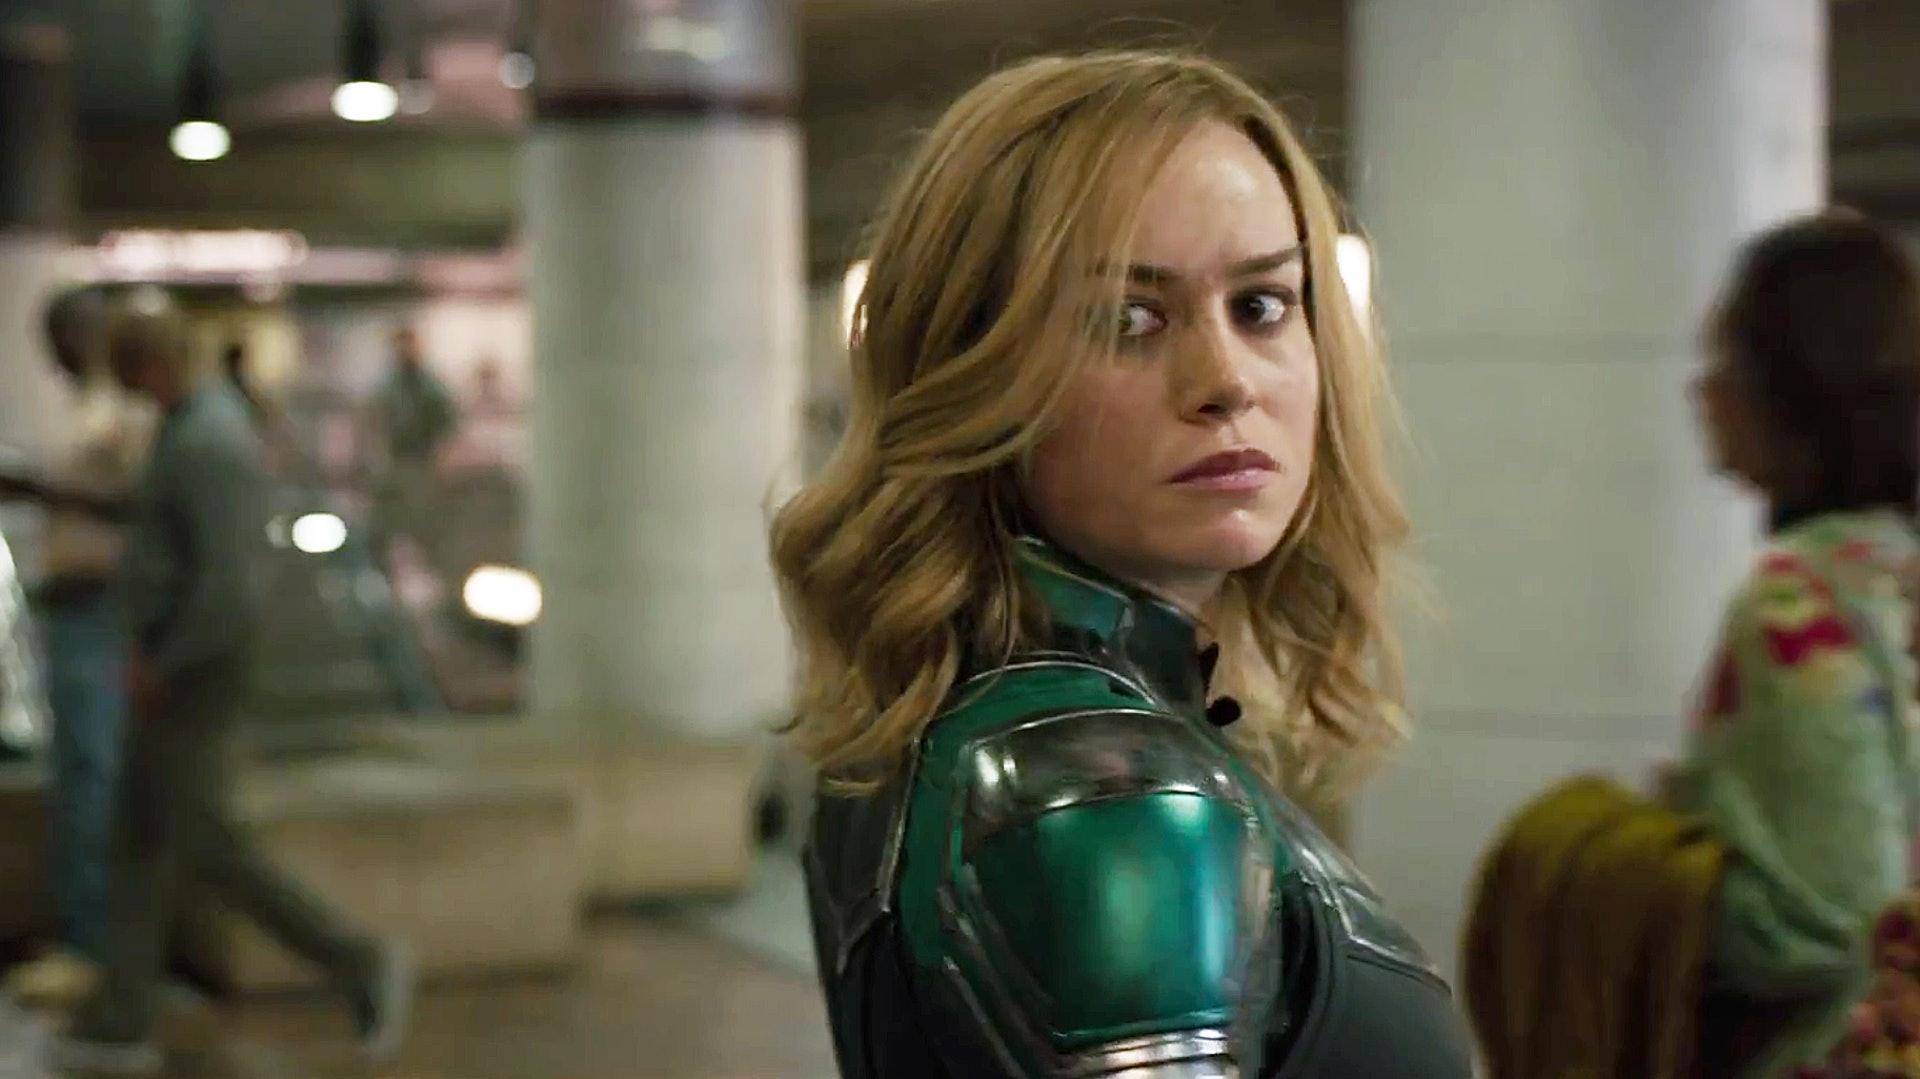 《驚奇隊長》由 Brie Larson擔任女主角。這位Captain Marvel,戲裹戲外,都大有來頭。(《Captain Marvel》劇照)